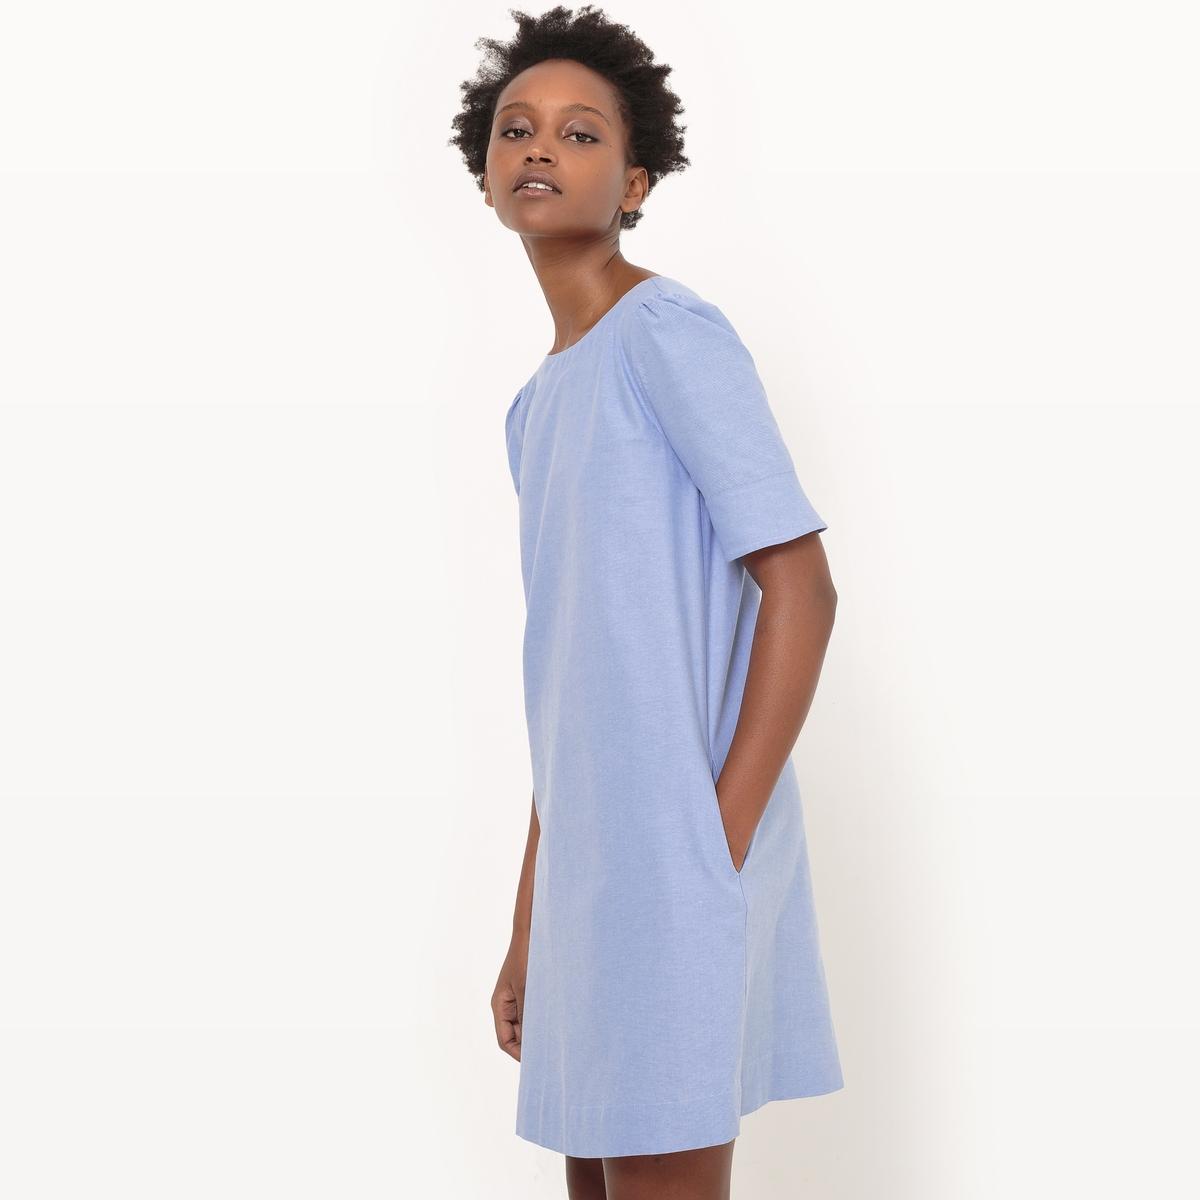 Платье-футляр в стиле оксфорд с короткими рукавамиМатериал : 100% хлопок  Длина рукава : короткие рукава  Форма воротника : круглый вырез Покрой платья : расклешенное платье Рисунок : однотонная модель   Длина платья : короткое<br><br>Цвет: синий меланж